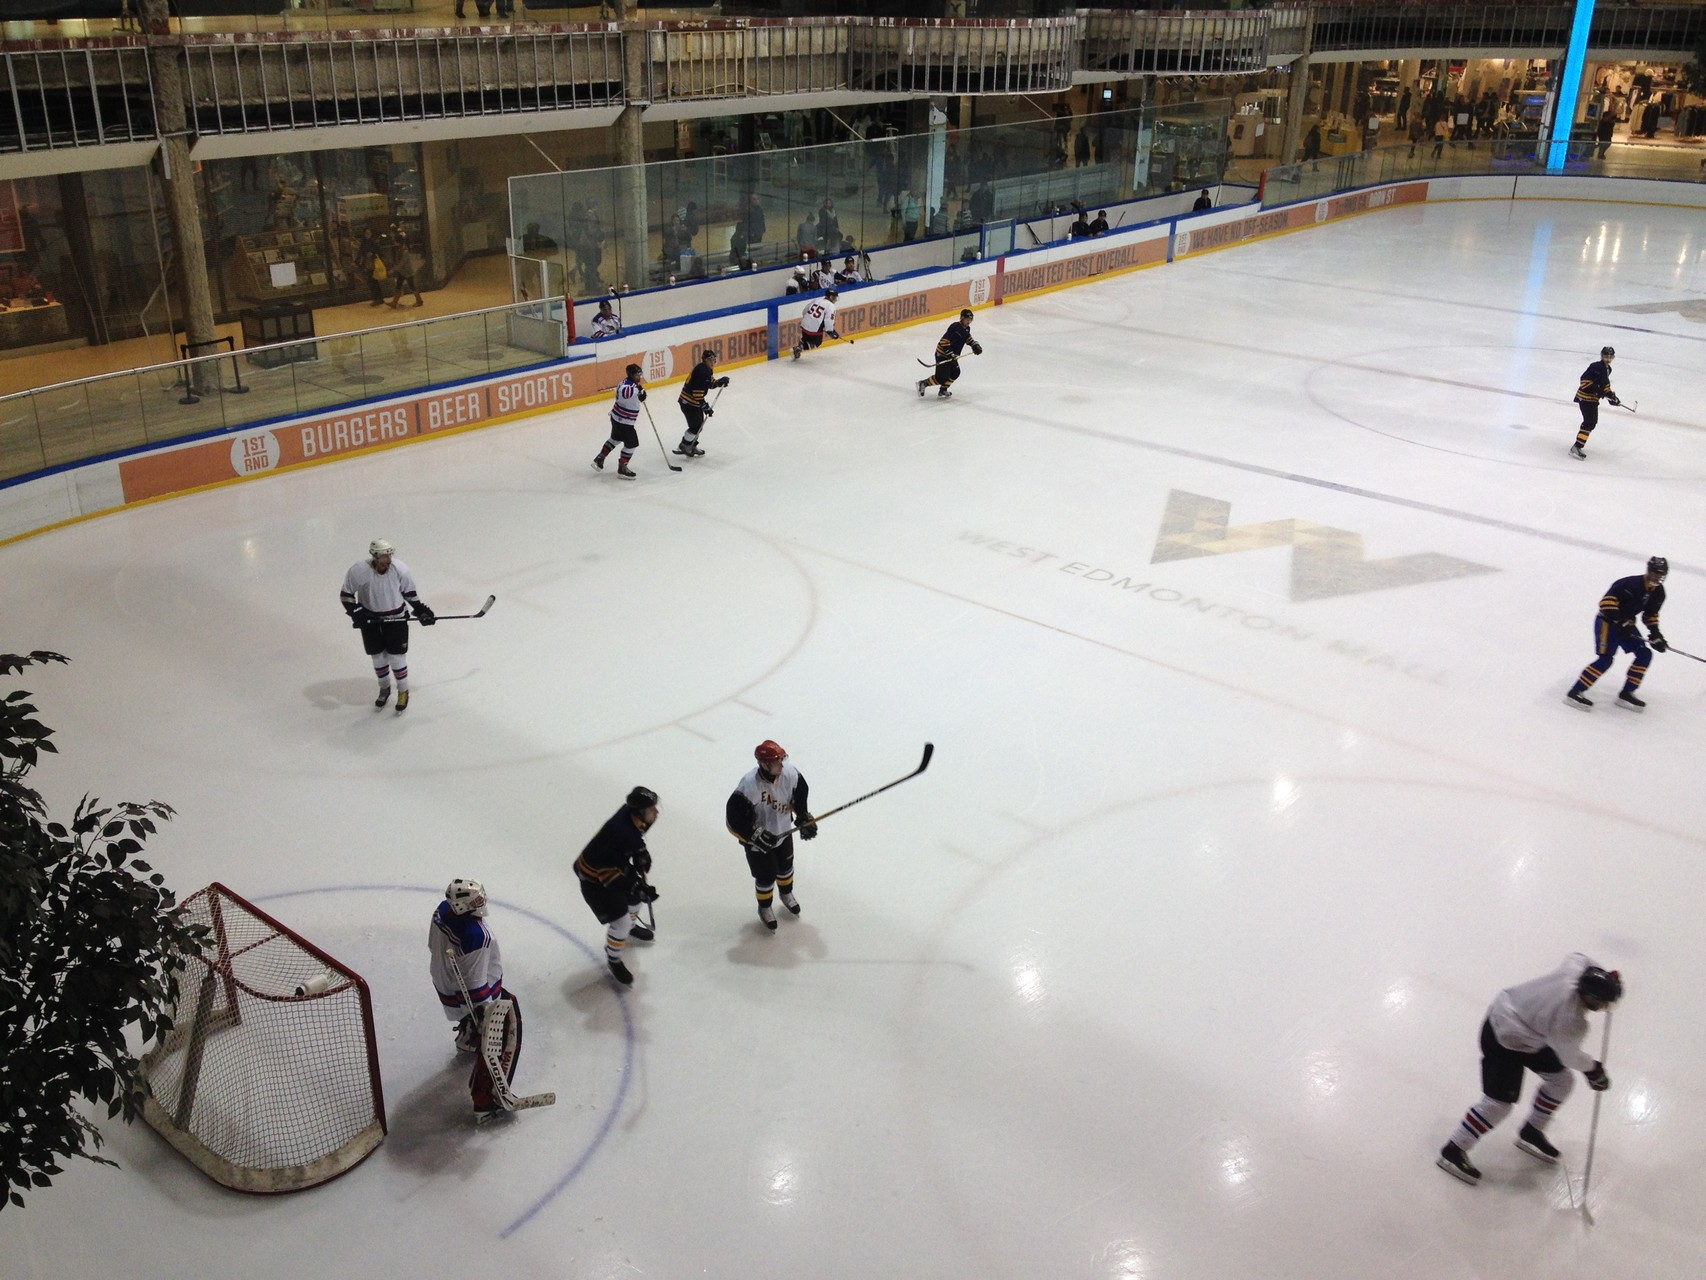 ...und Eislaufbahn! Tatsächlich noch bisschen Eishockey gesehen!